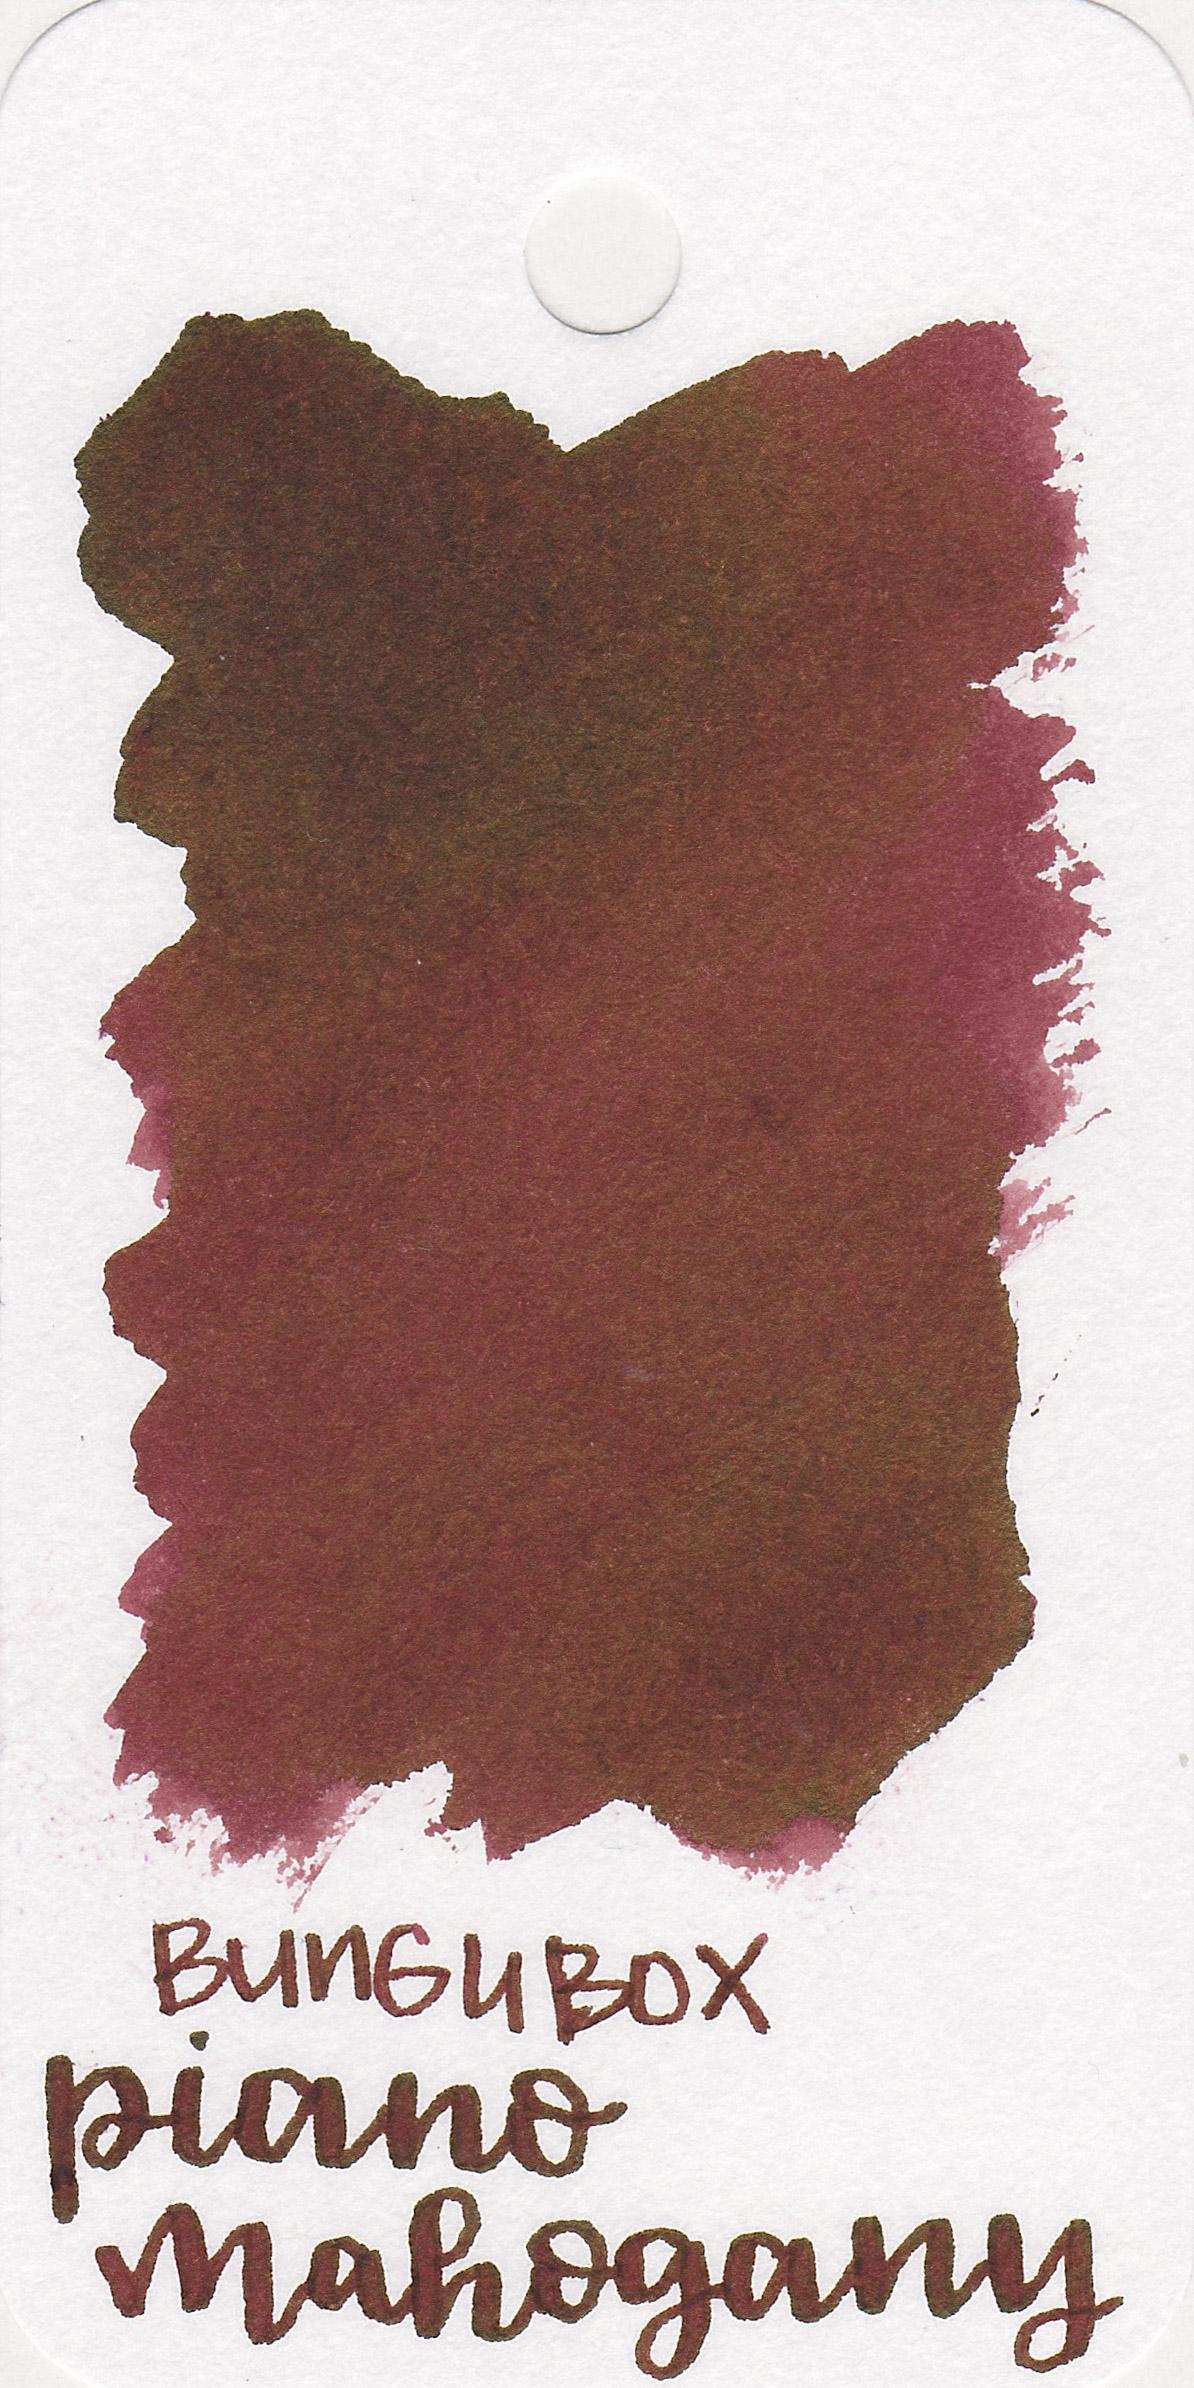 bb-piano-mahogany-1.jpg